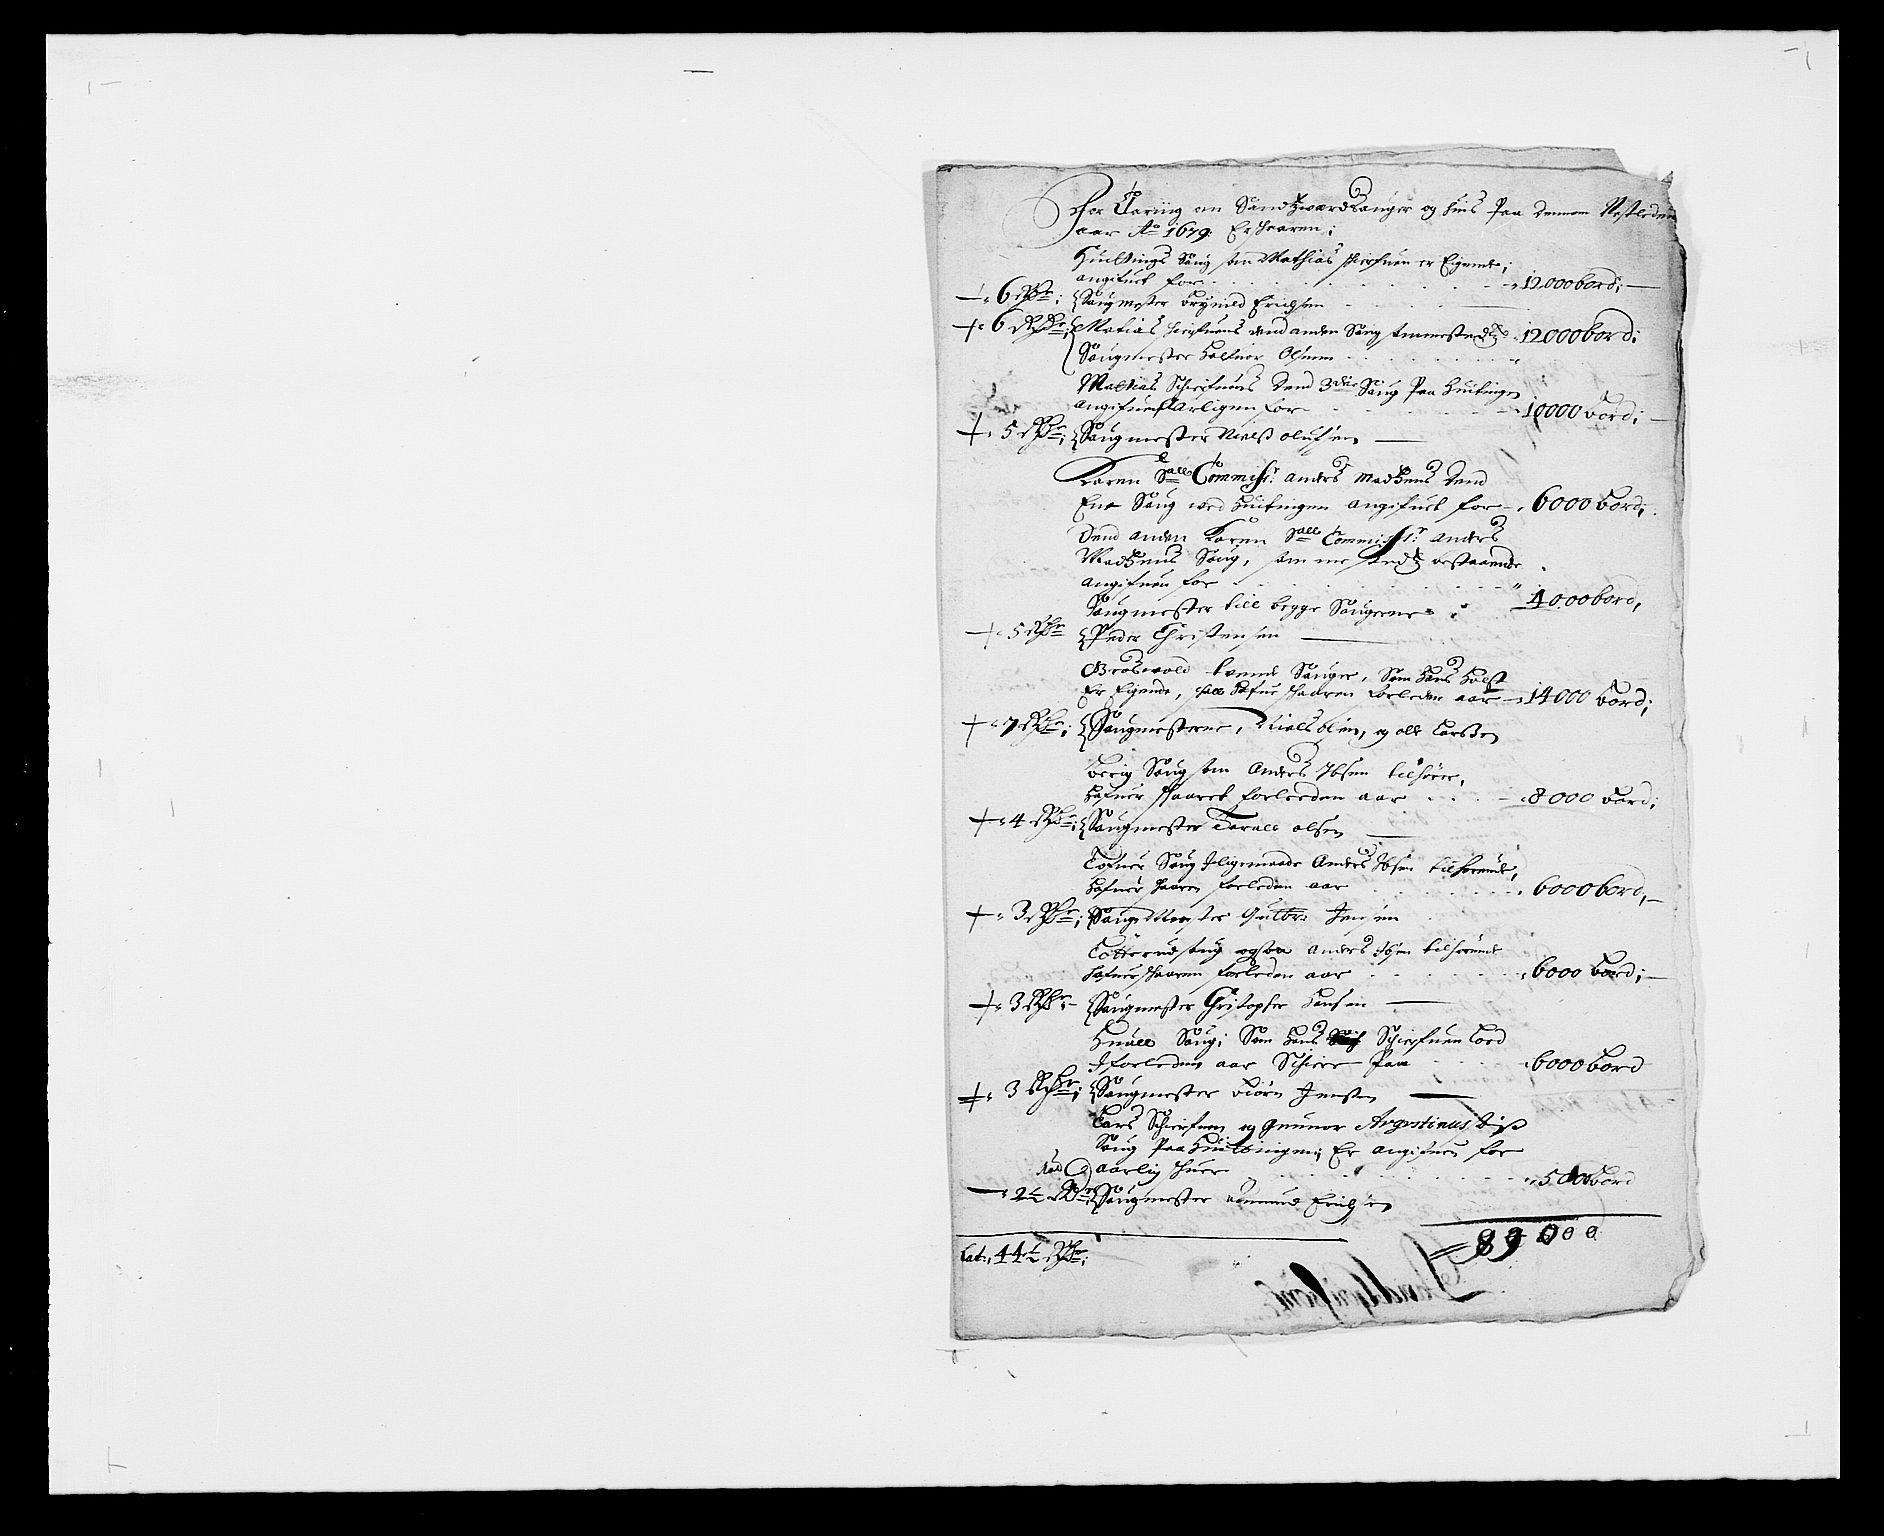 RA, Rentekammeret inntil 1814, Reviderte regnskaper, Fogderegnskap, R24/L1569: Fogderegnskap Numedal og Sandsvær, 1679-1686, s. 145